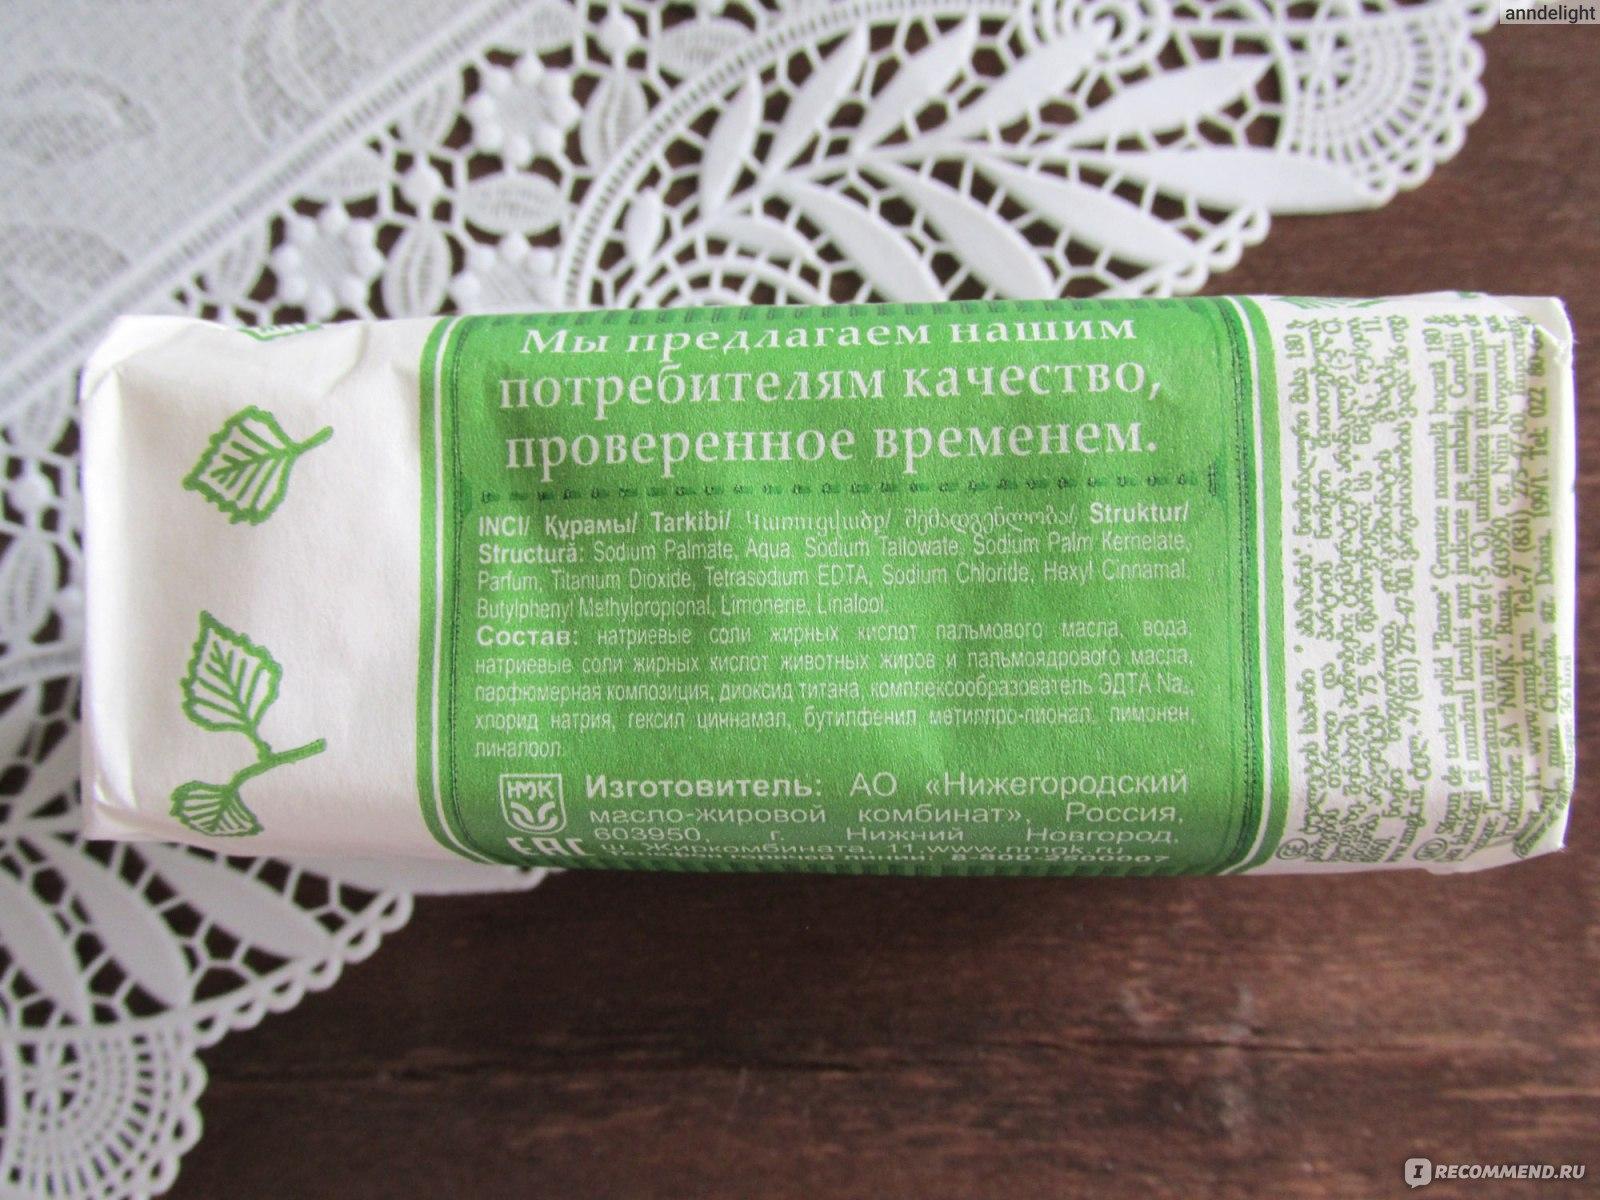 Мыло для бани: виды, особенности. мыло для бани своими руками: рецепты, фото, идеи